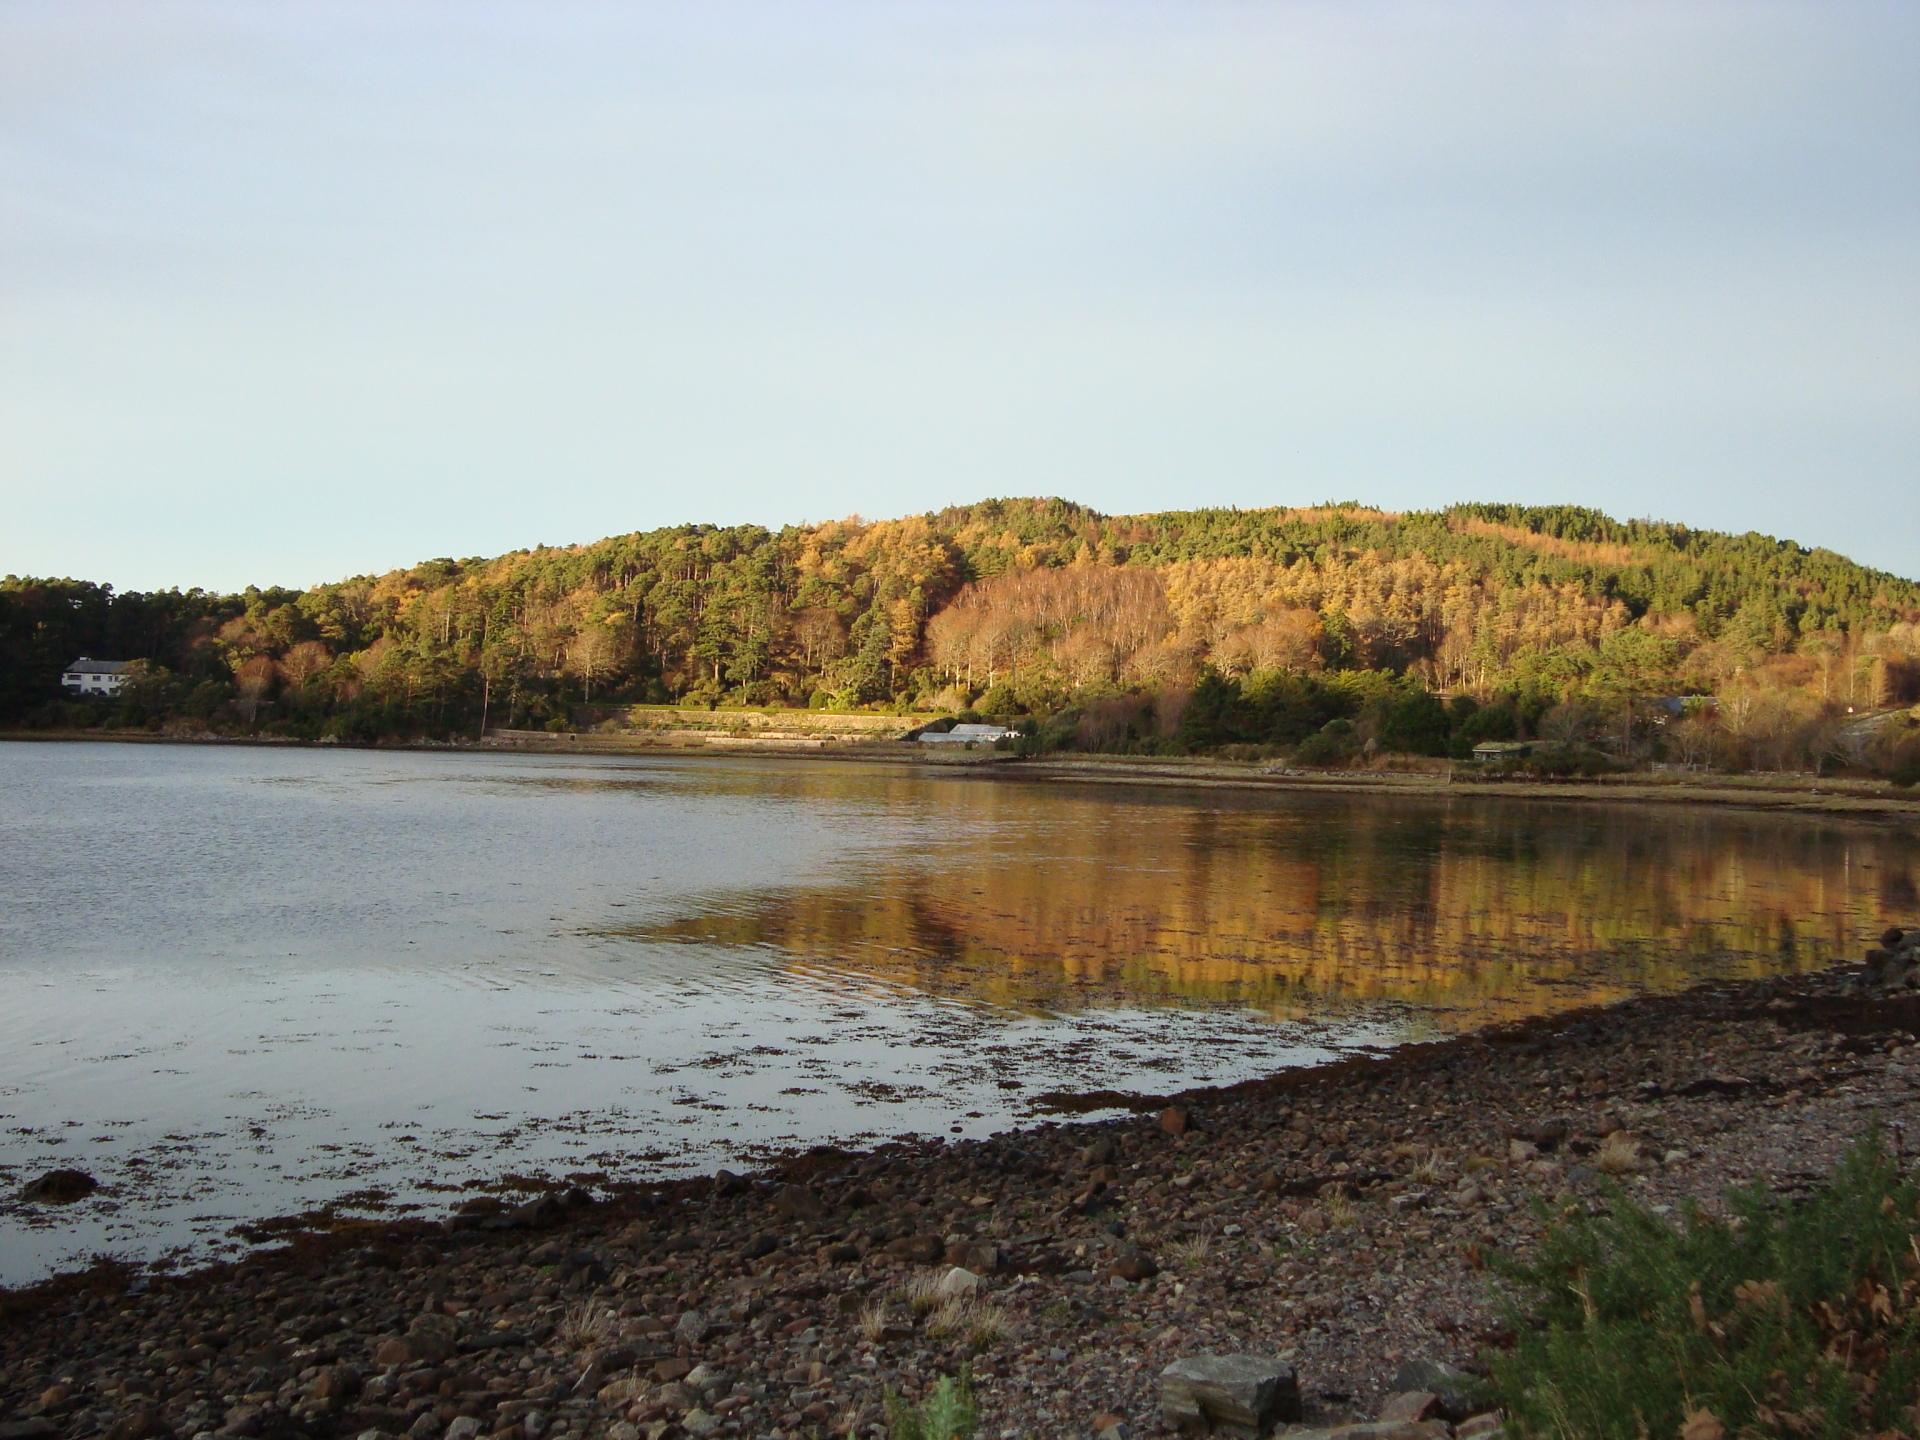 Loch ewe